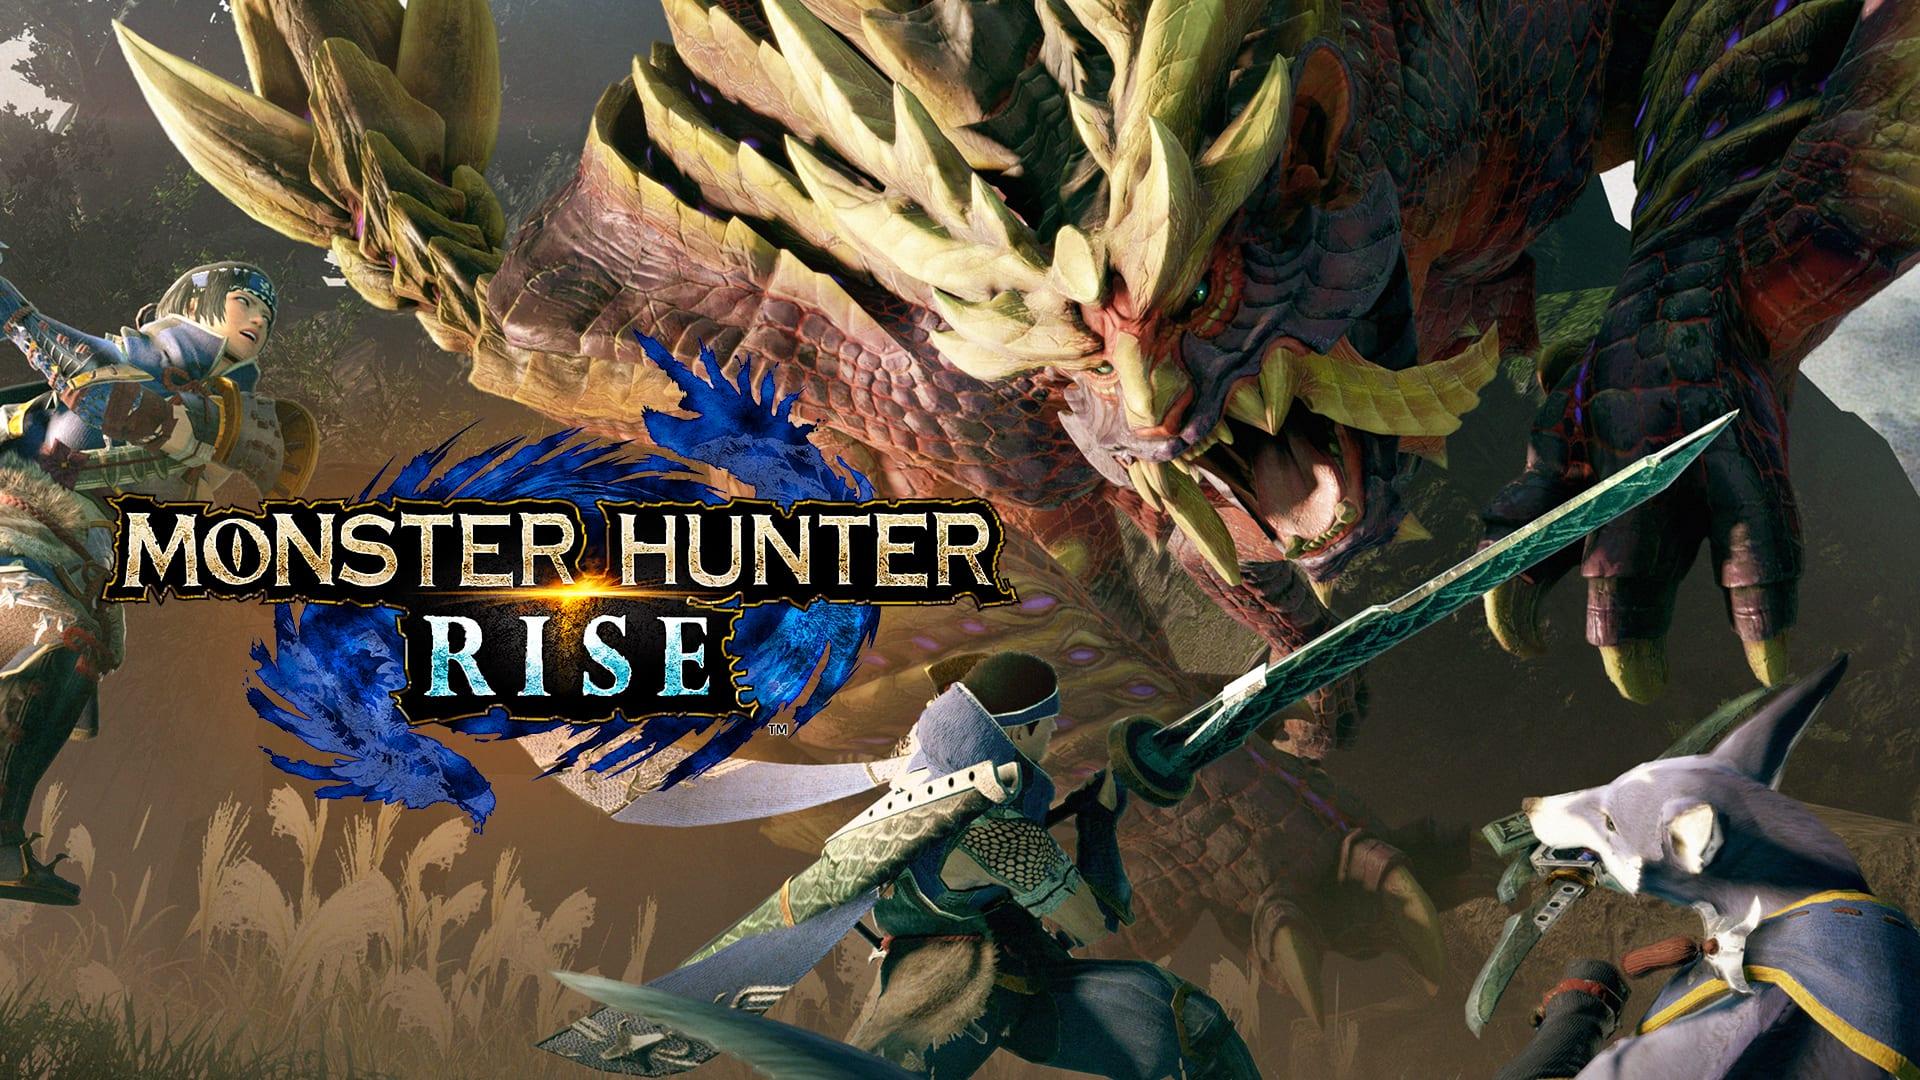 monster hunter rise, co-op, multiplayer, splitscreen